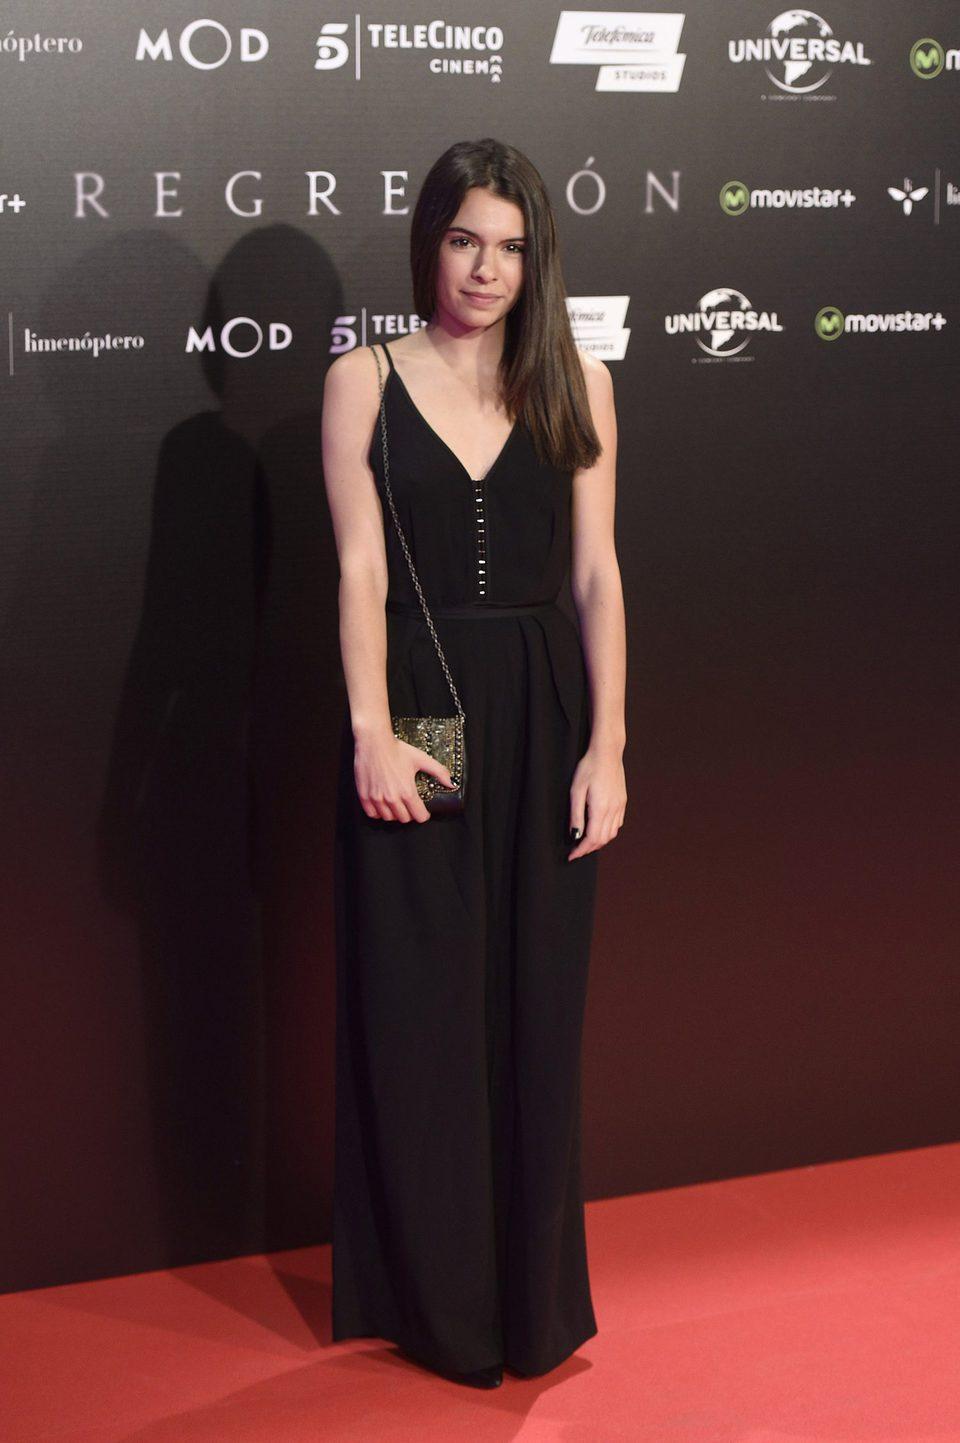 Claudia Traisac en la Premiere de 'Regresión' en Madrid